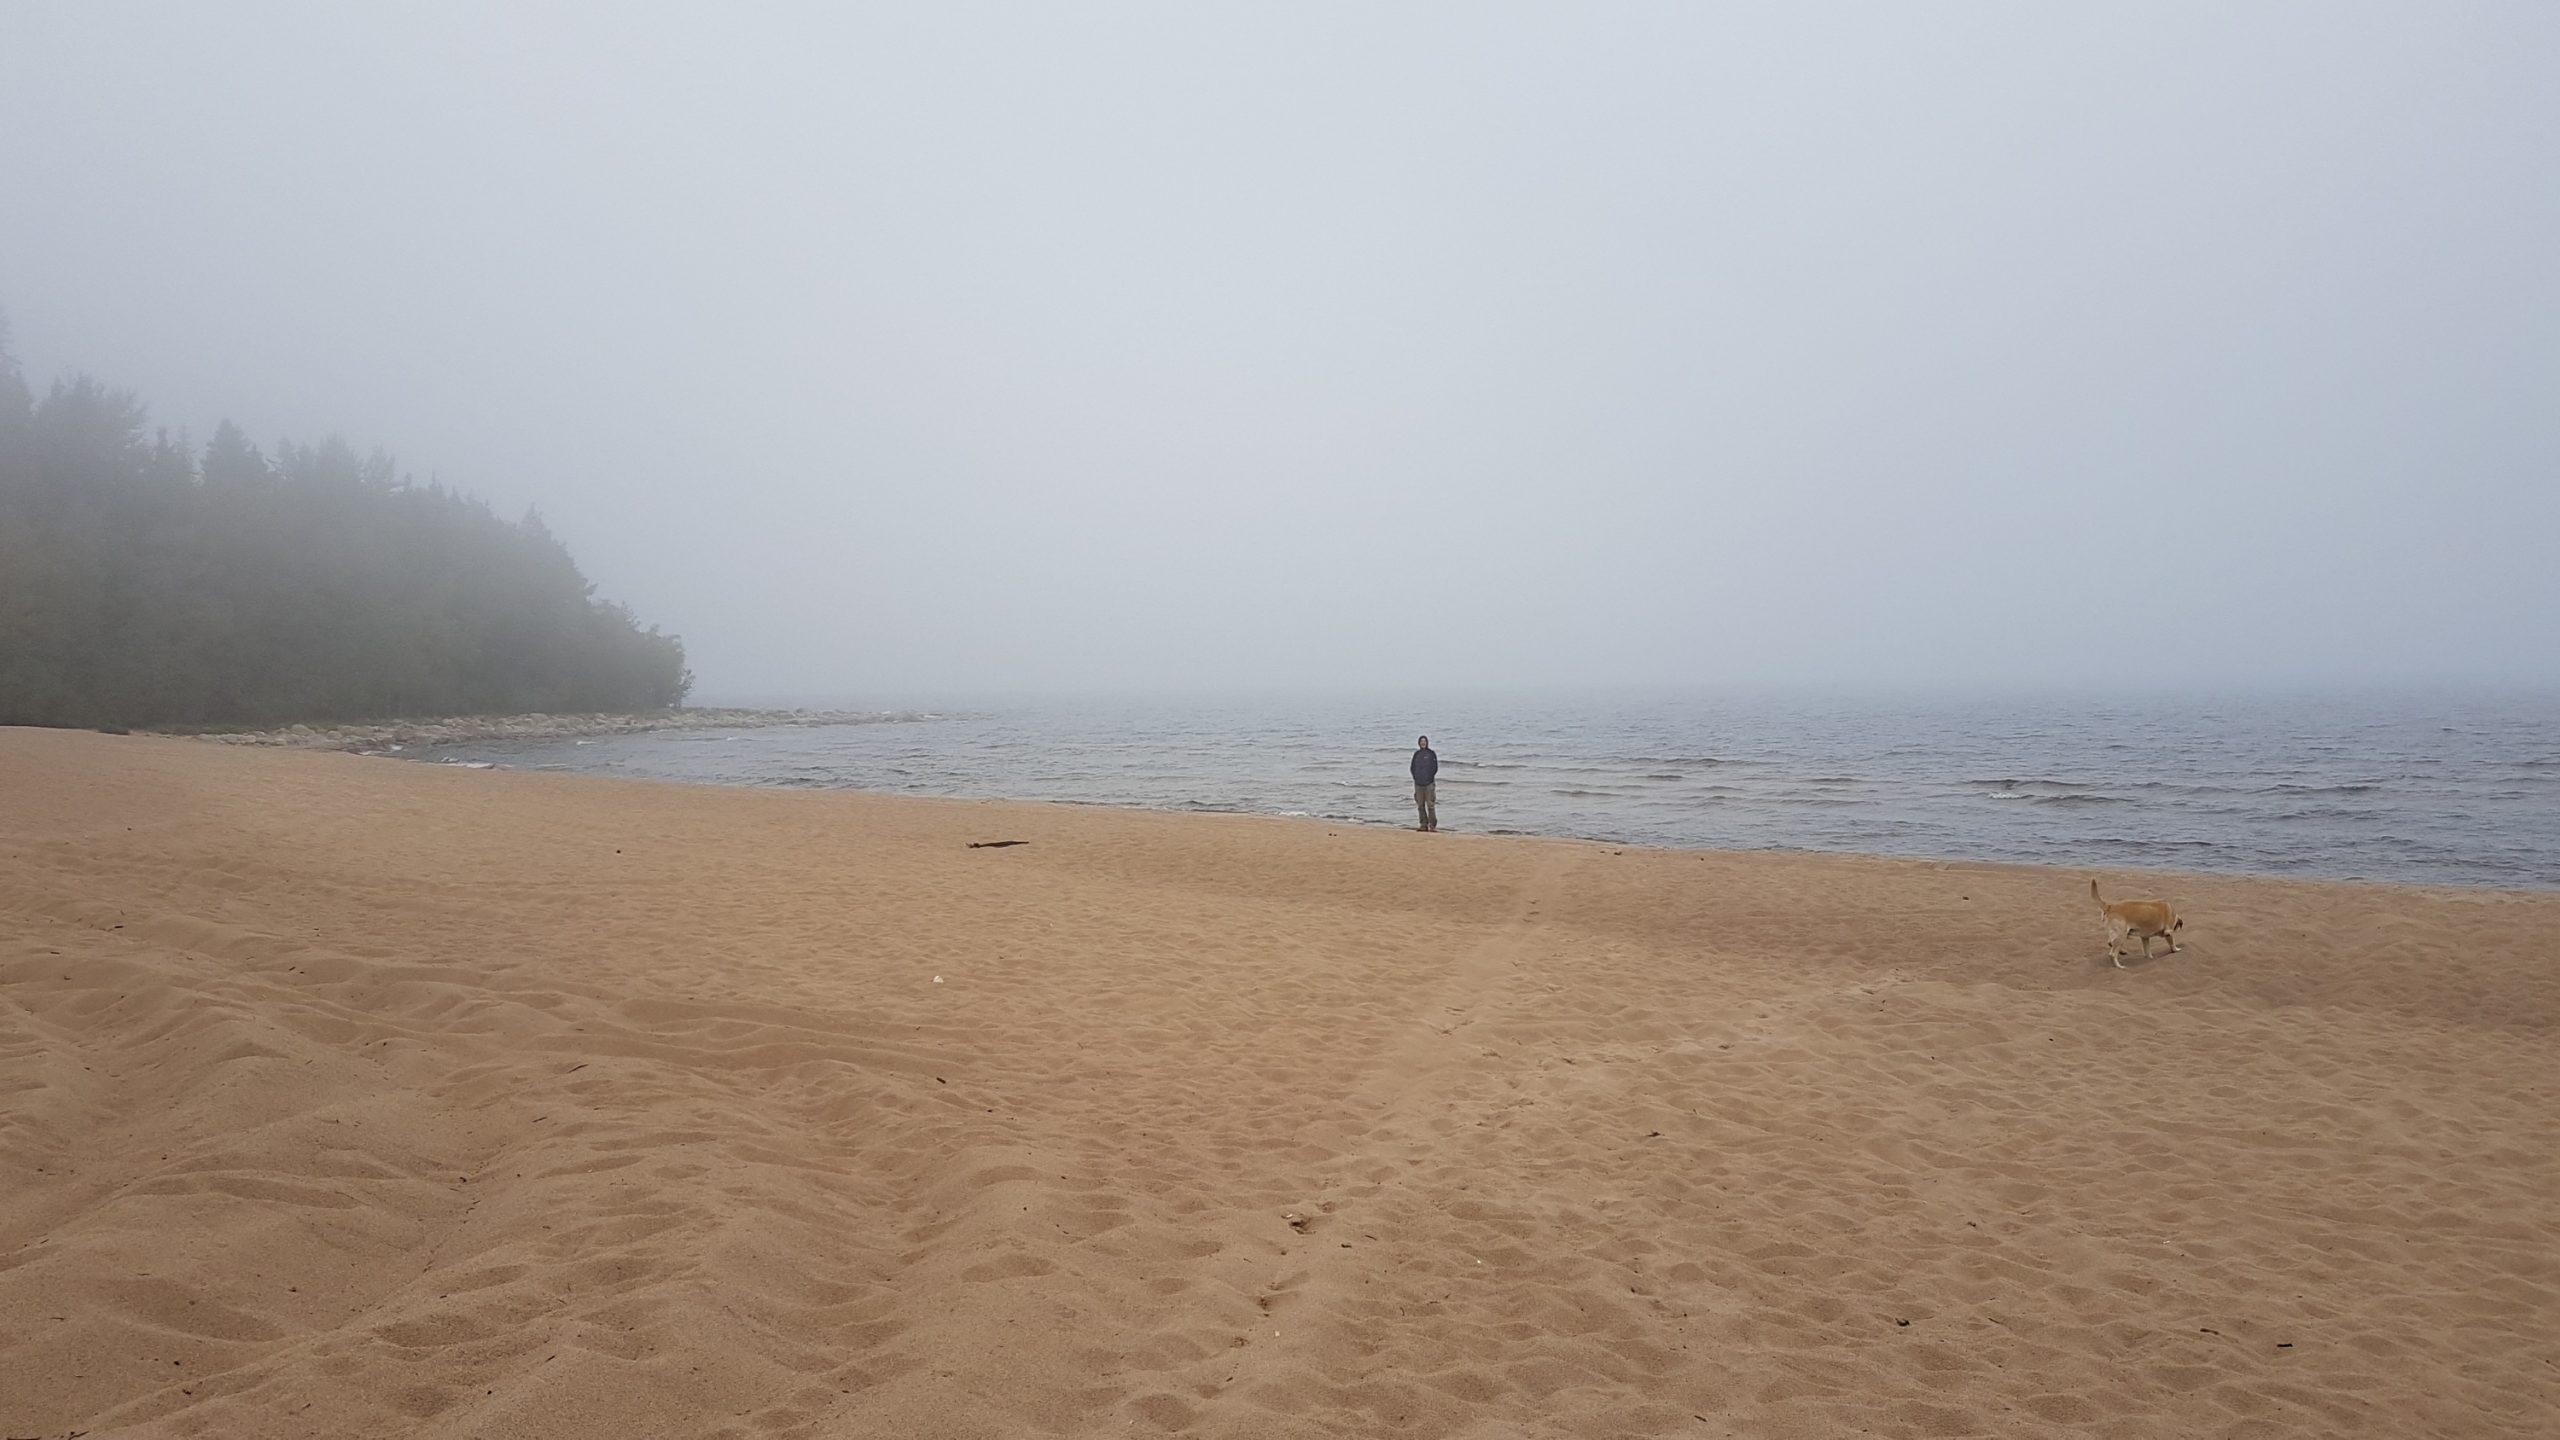 10 septembre : Au bord du lac Ladoga